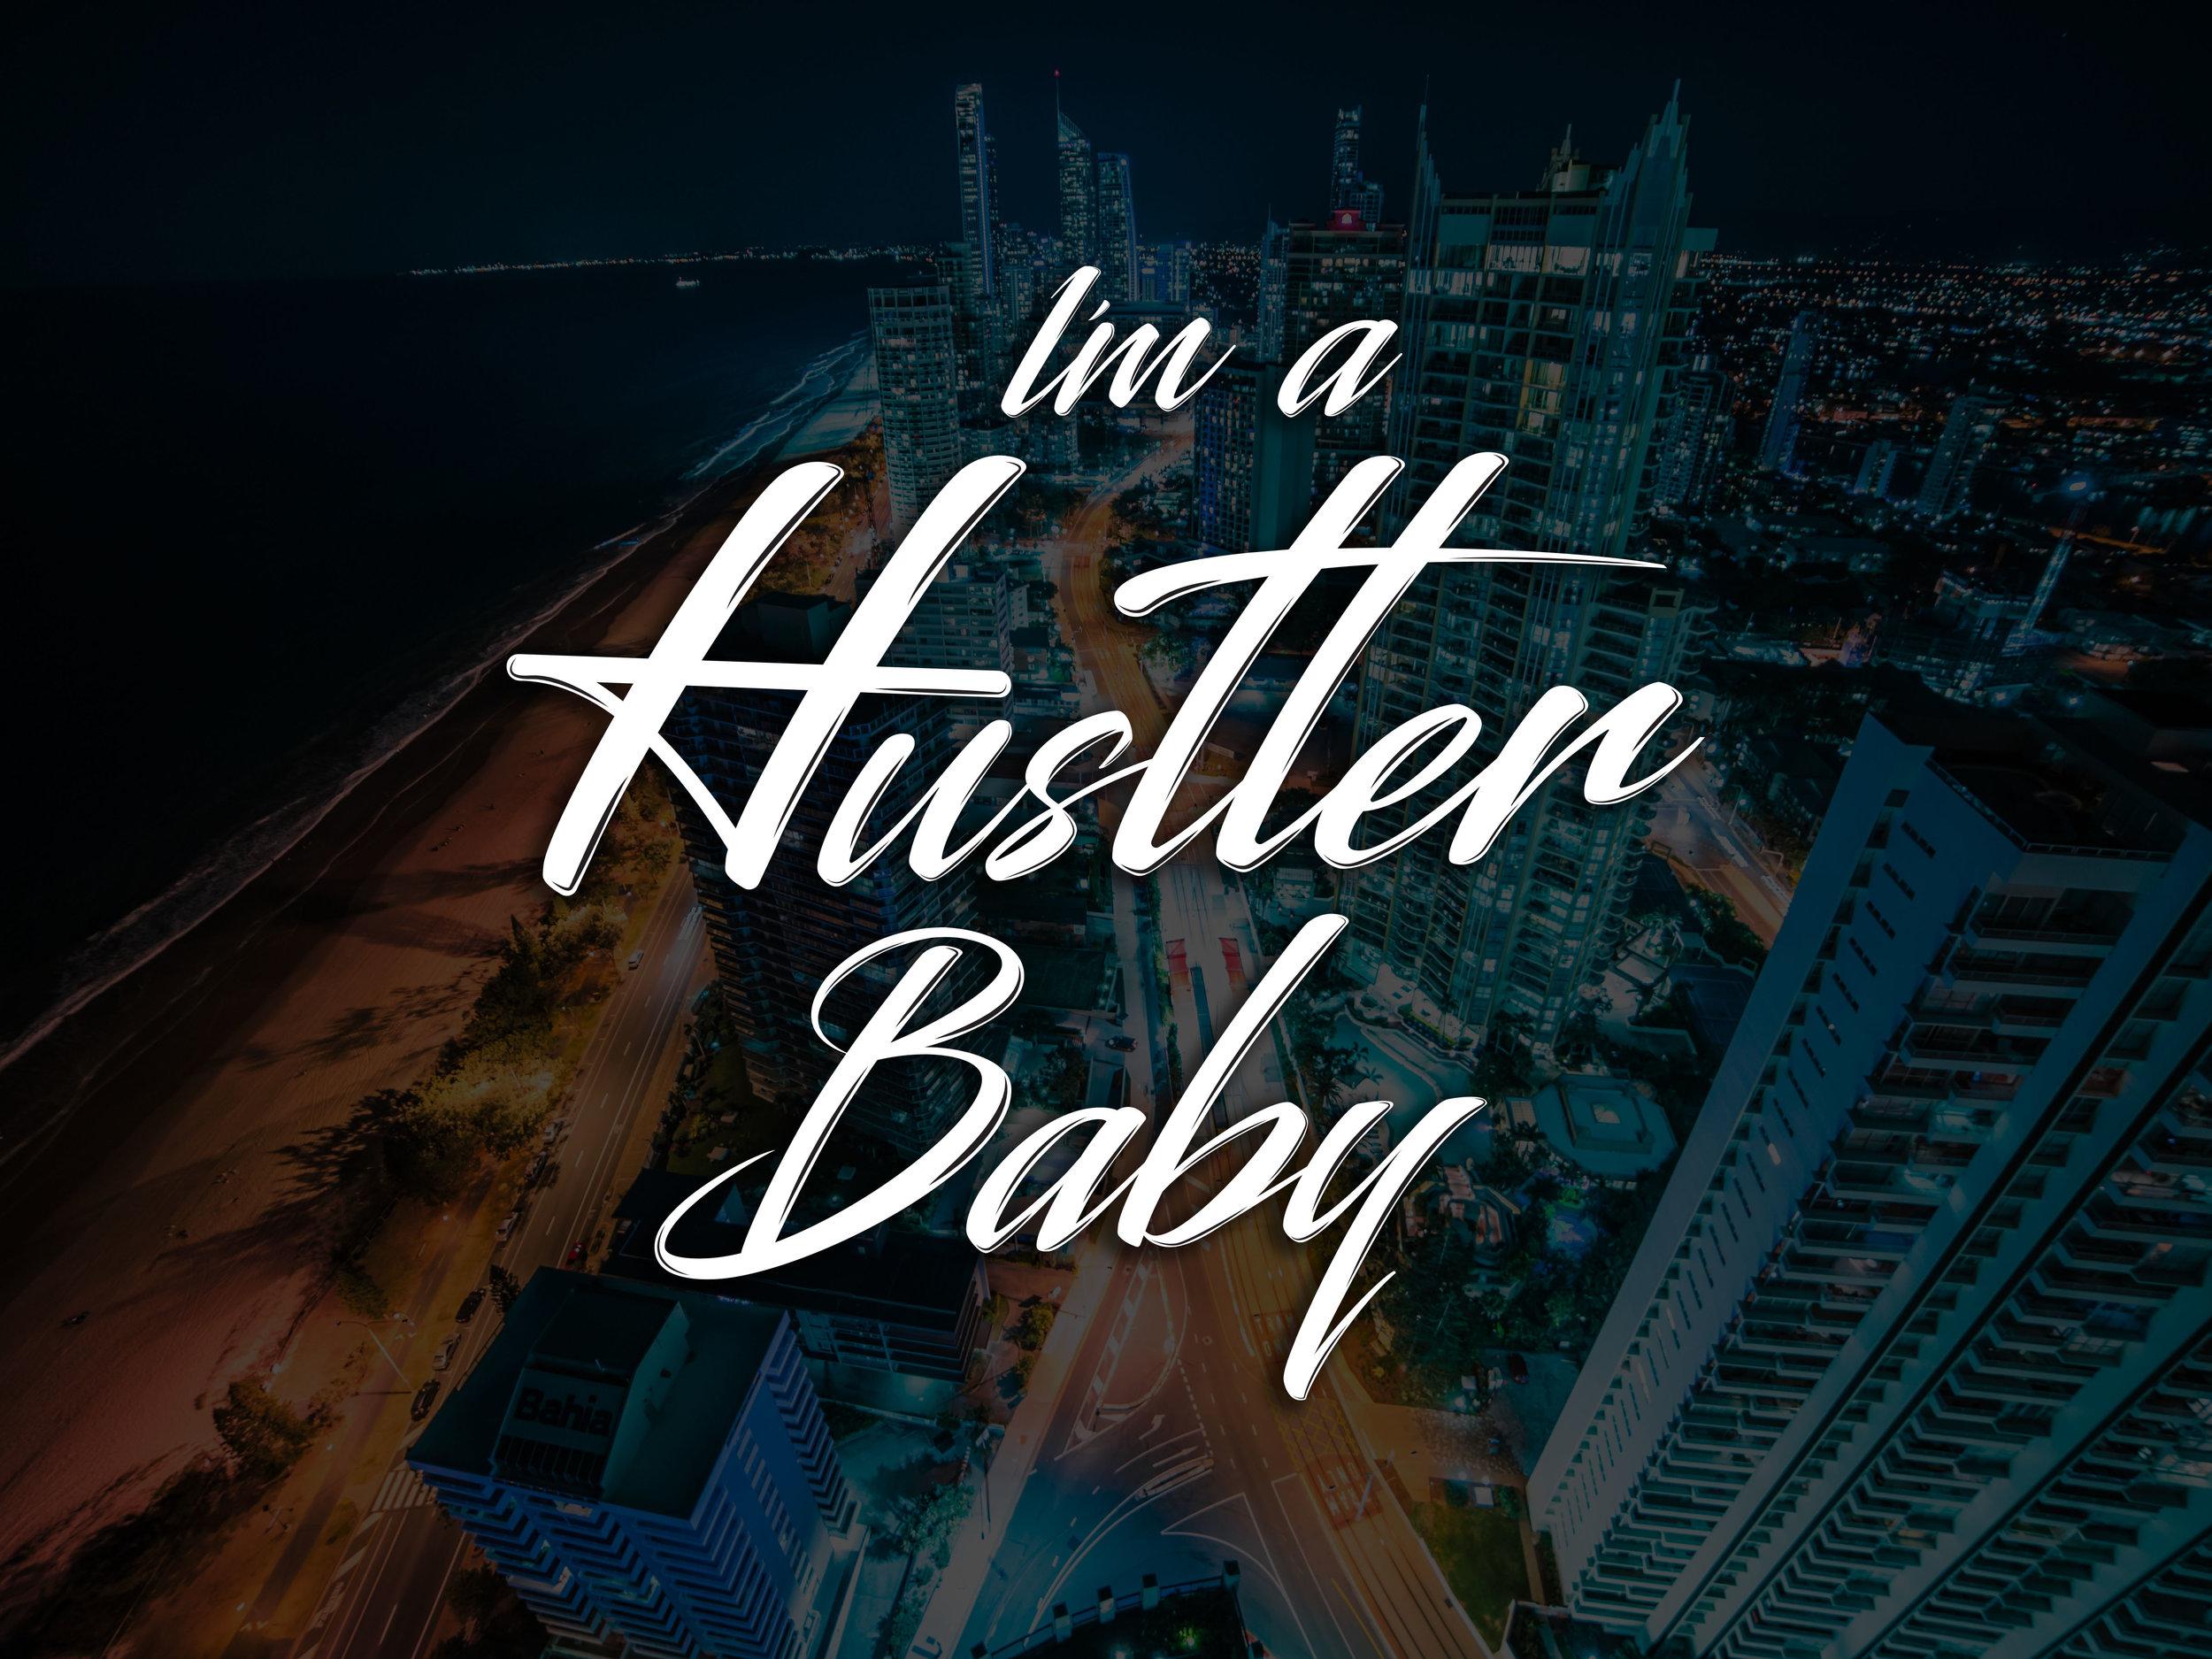 hustler_baby_photo.jpg